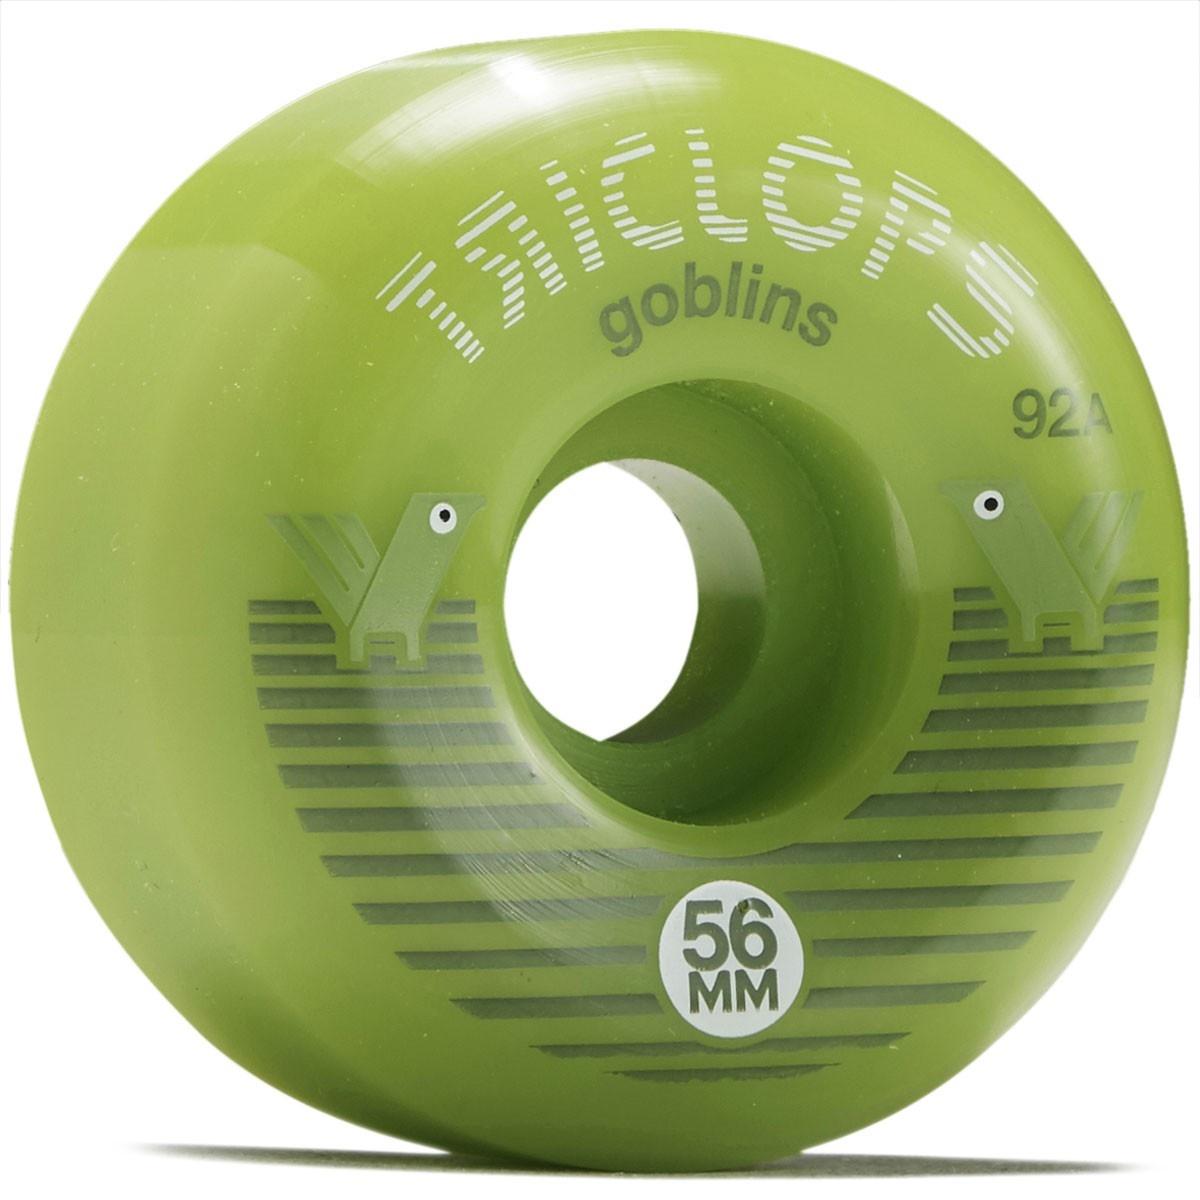 Triclops Skateboard Wheels Goblin 56mm 92A